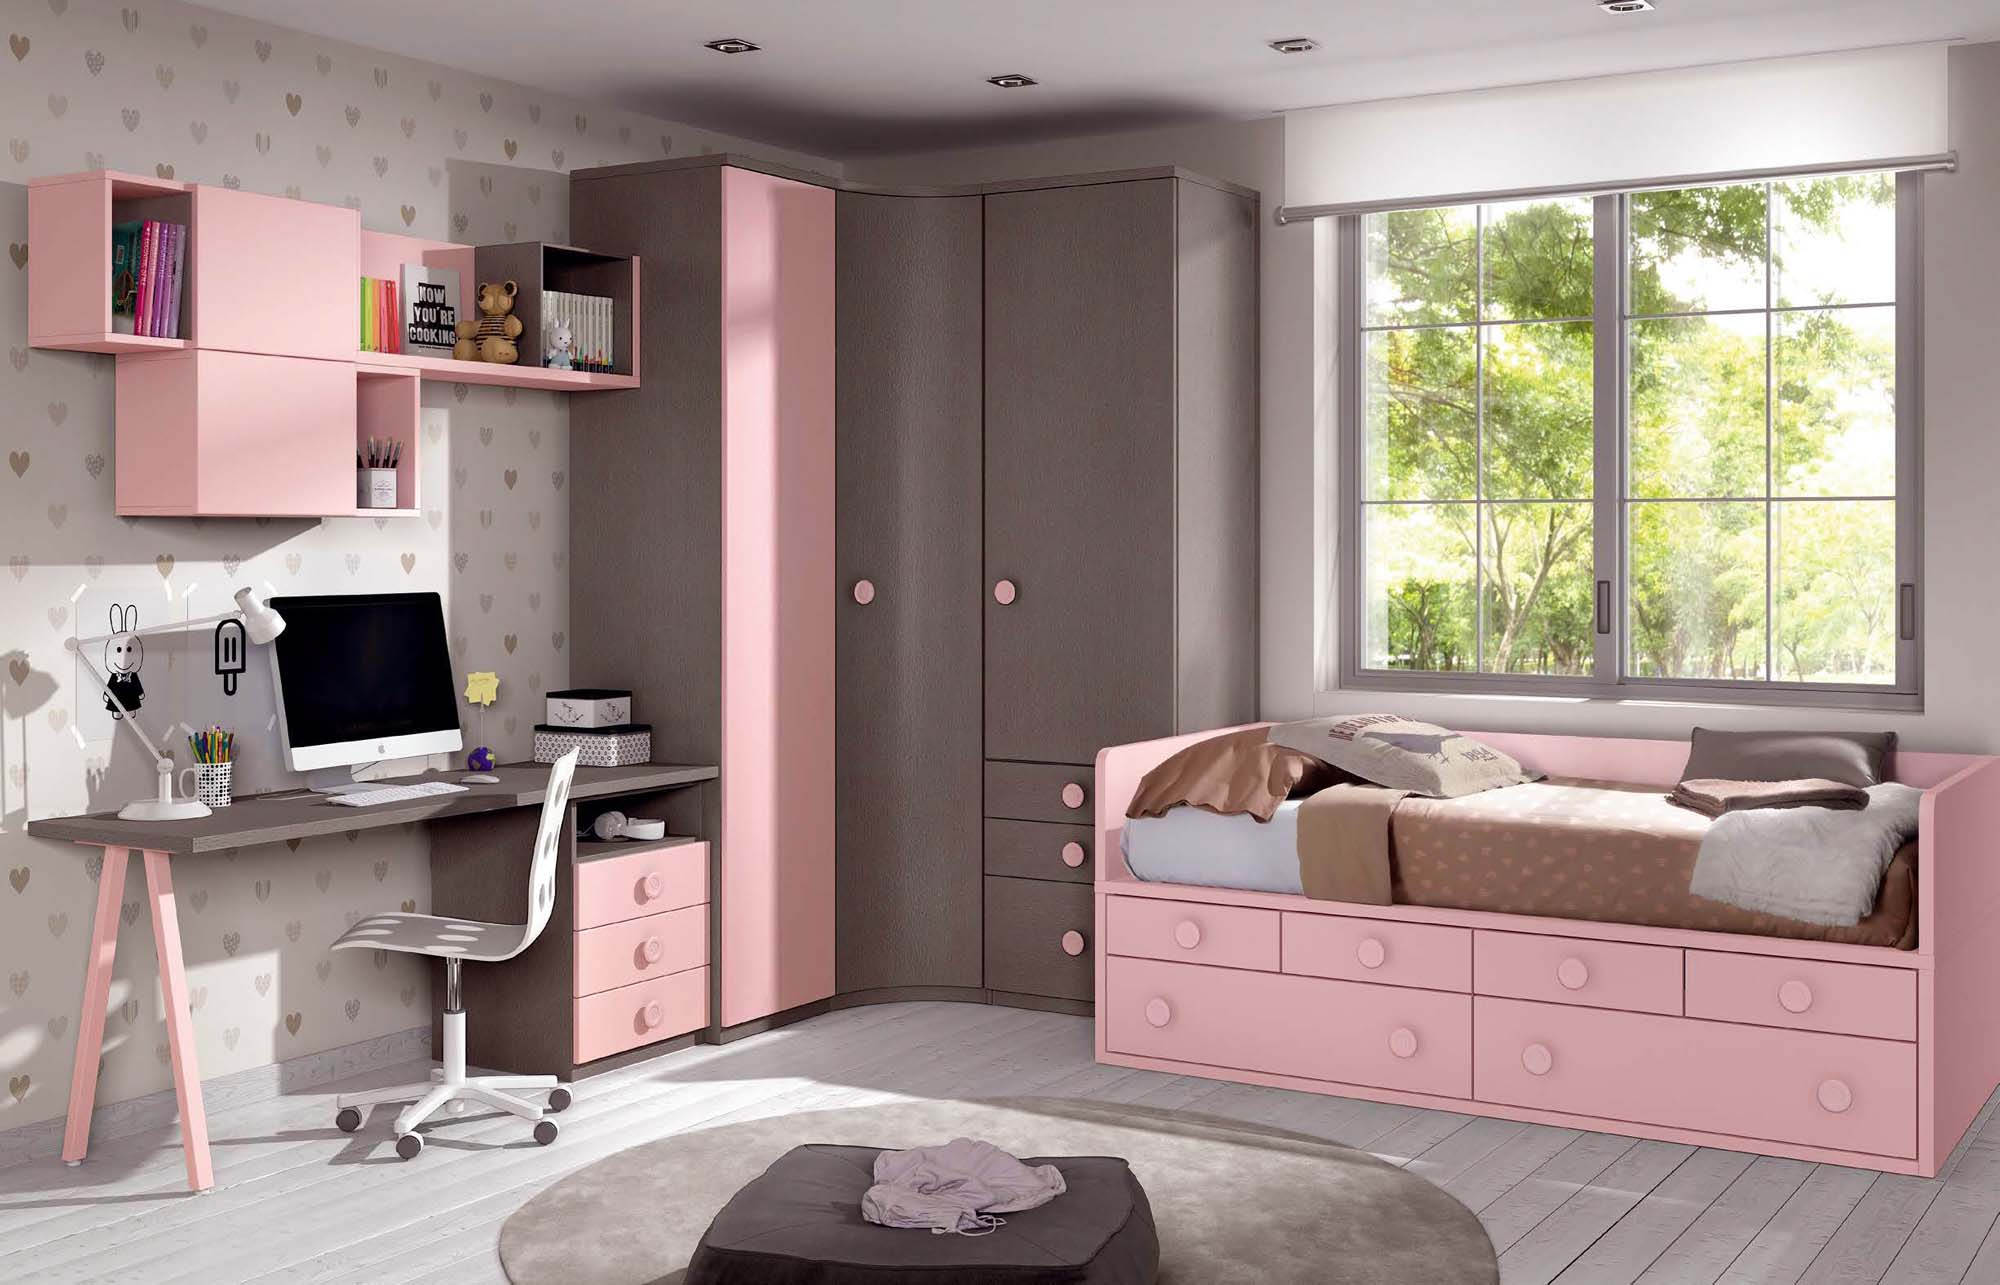 Chambre fillette colorée  personnaliser GLICERIO SO NUIT